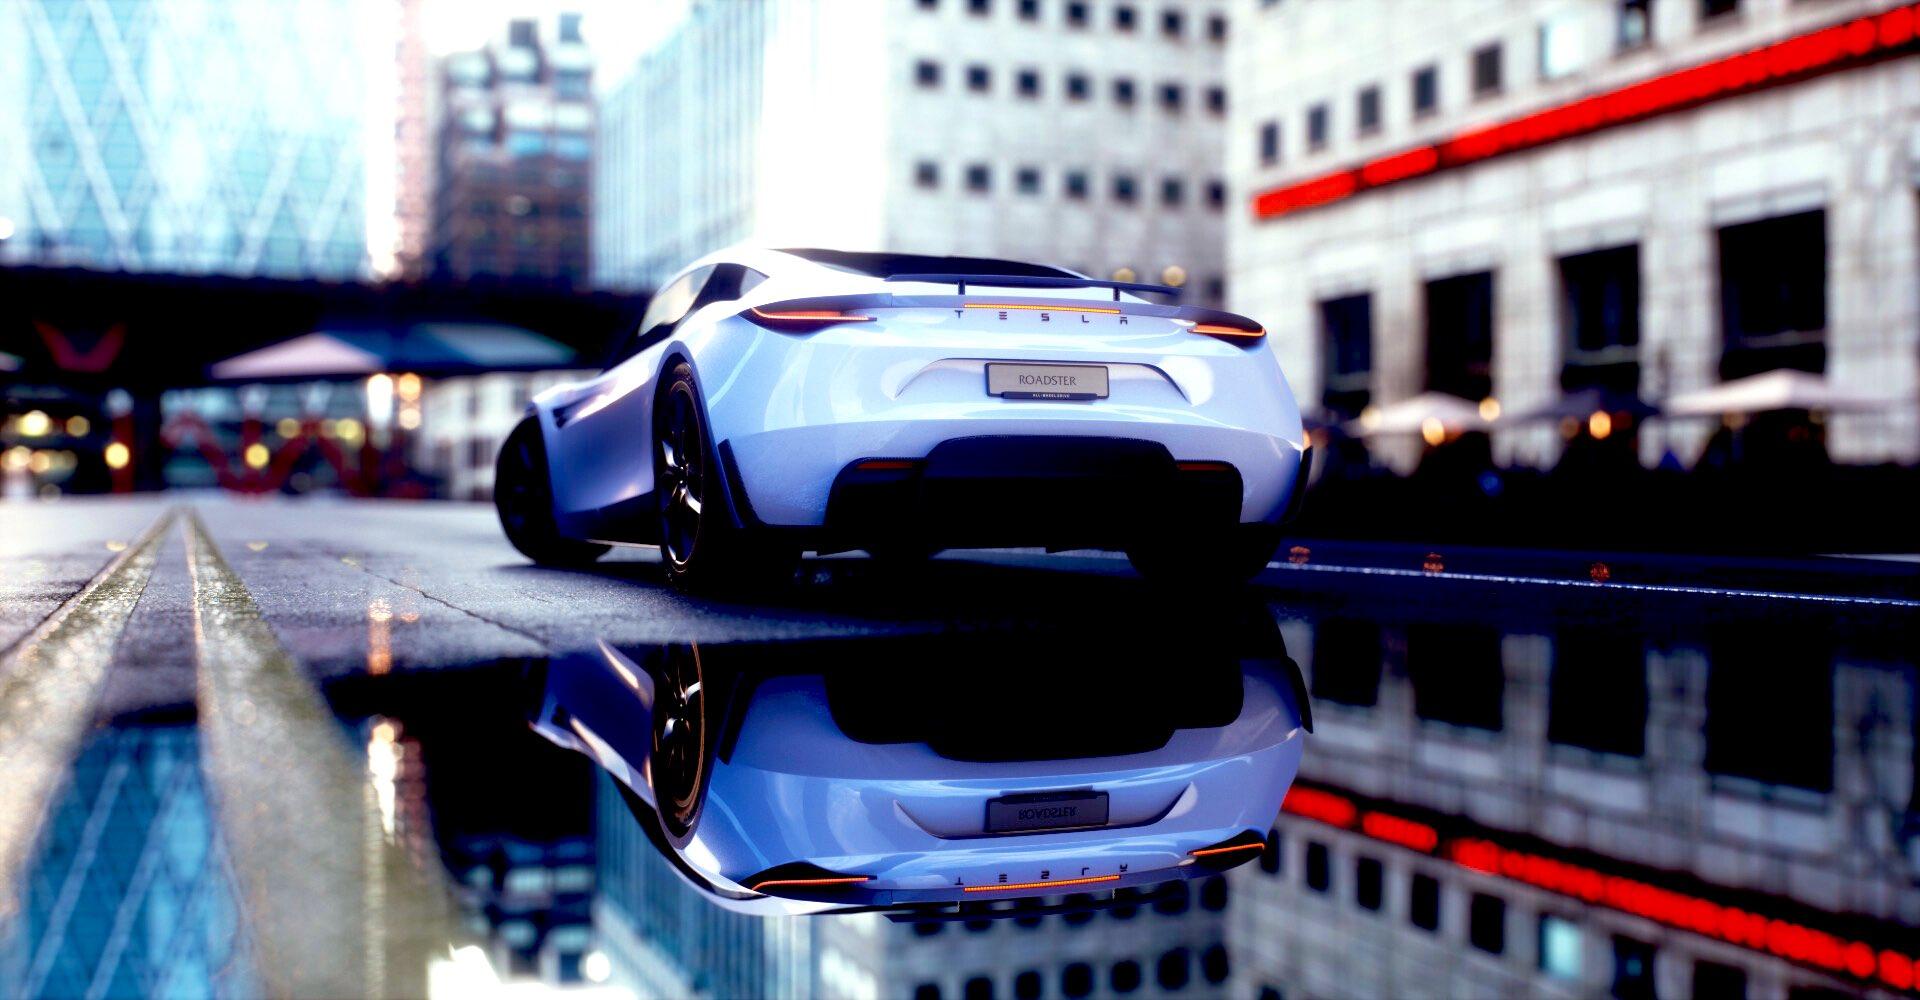 Tesla Roadster следующего поколения направляется в автомобильный музей Петерсена на двухнедельную выставку